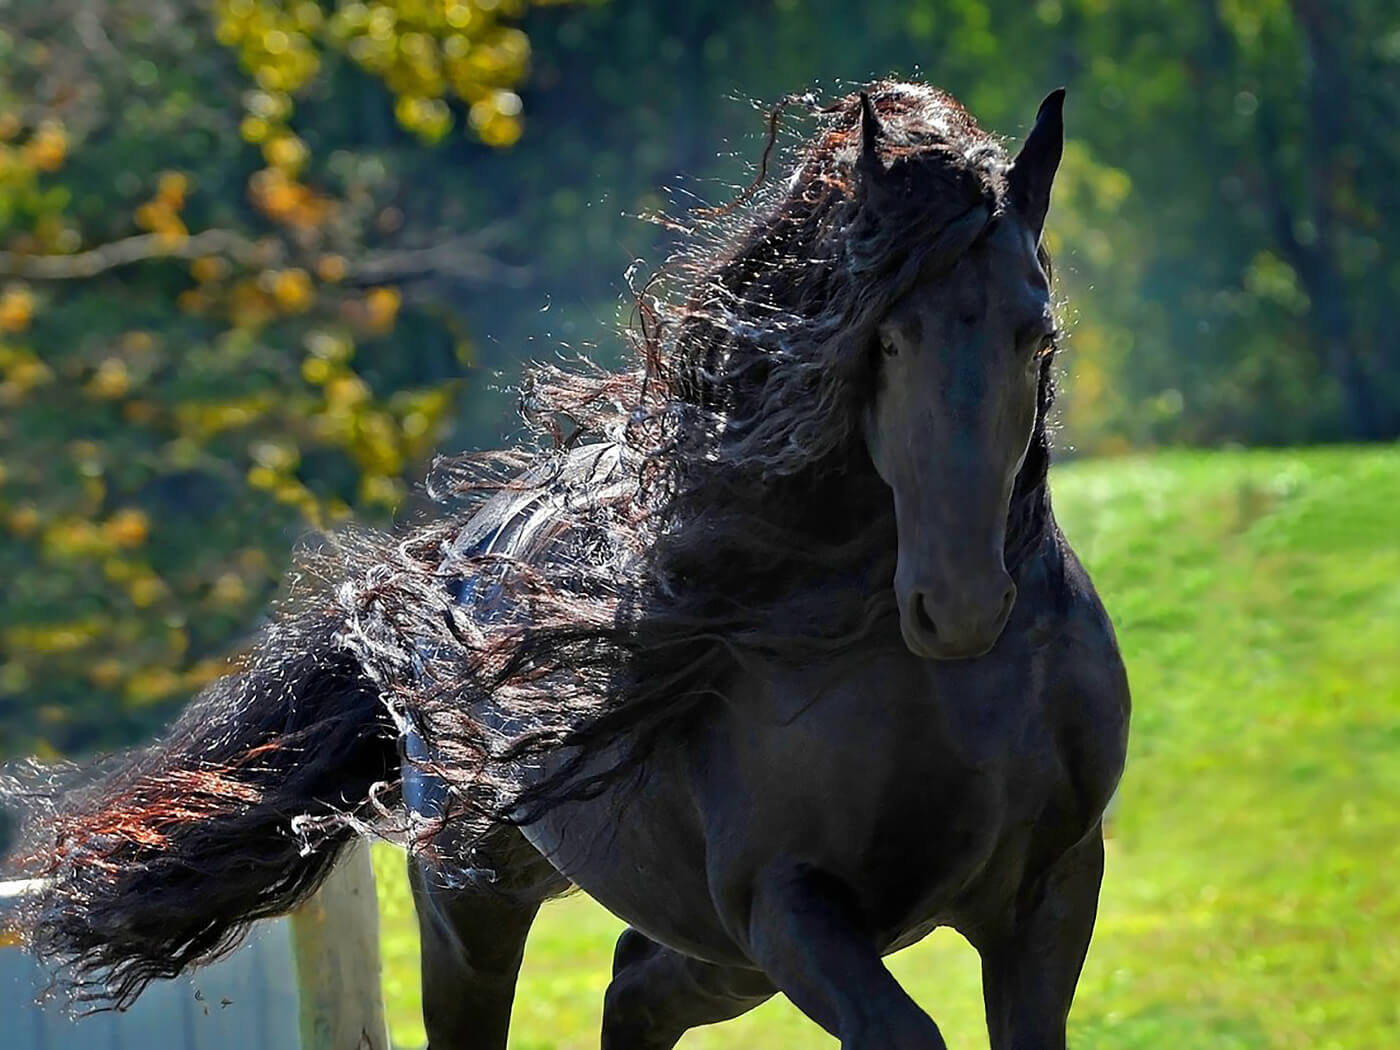 Фриз порода лошадей, характеристика внешнего вида, темперамент животного, правила содержания